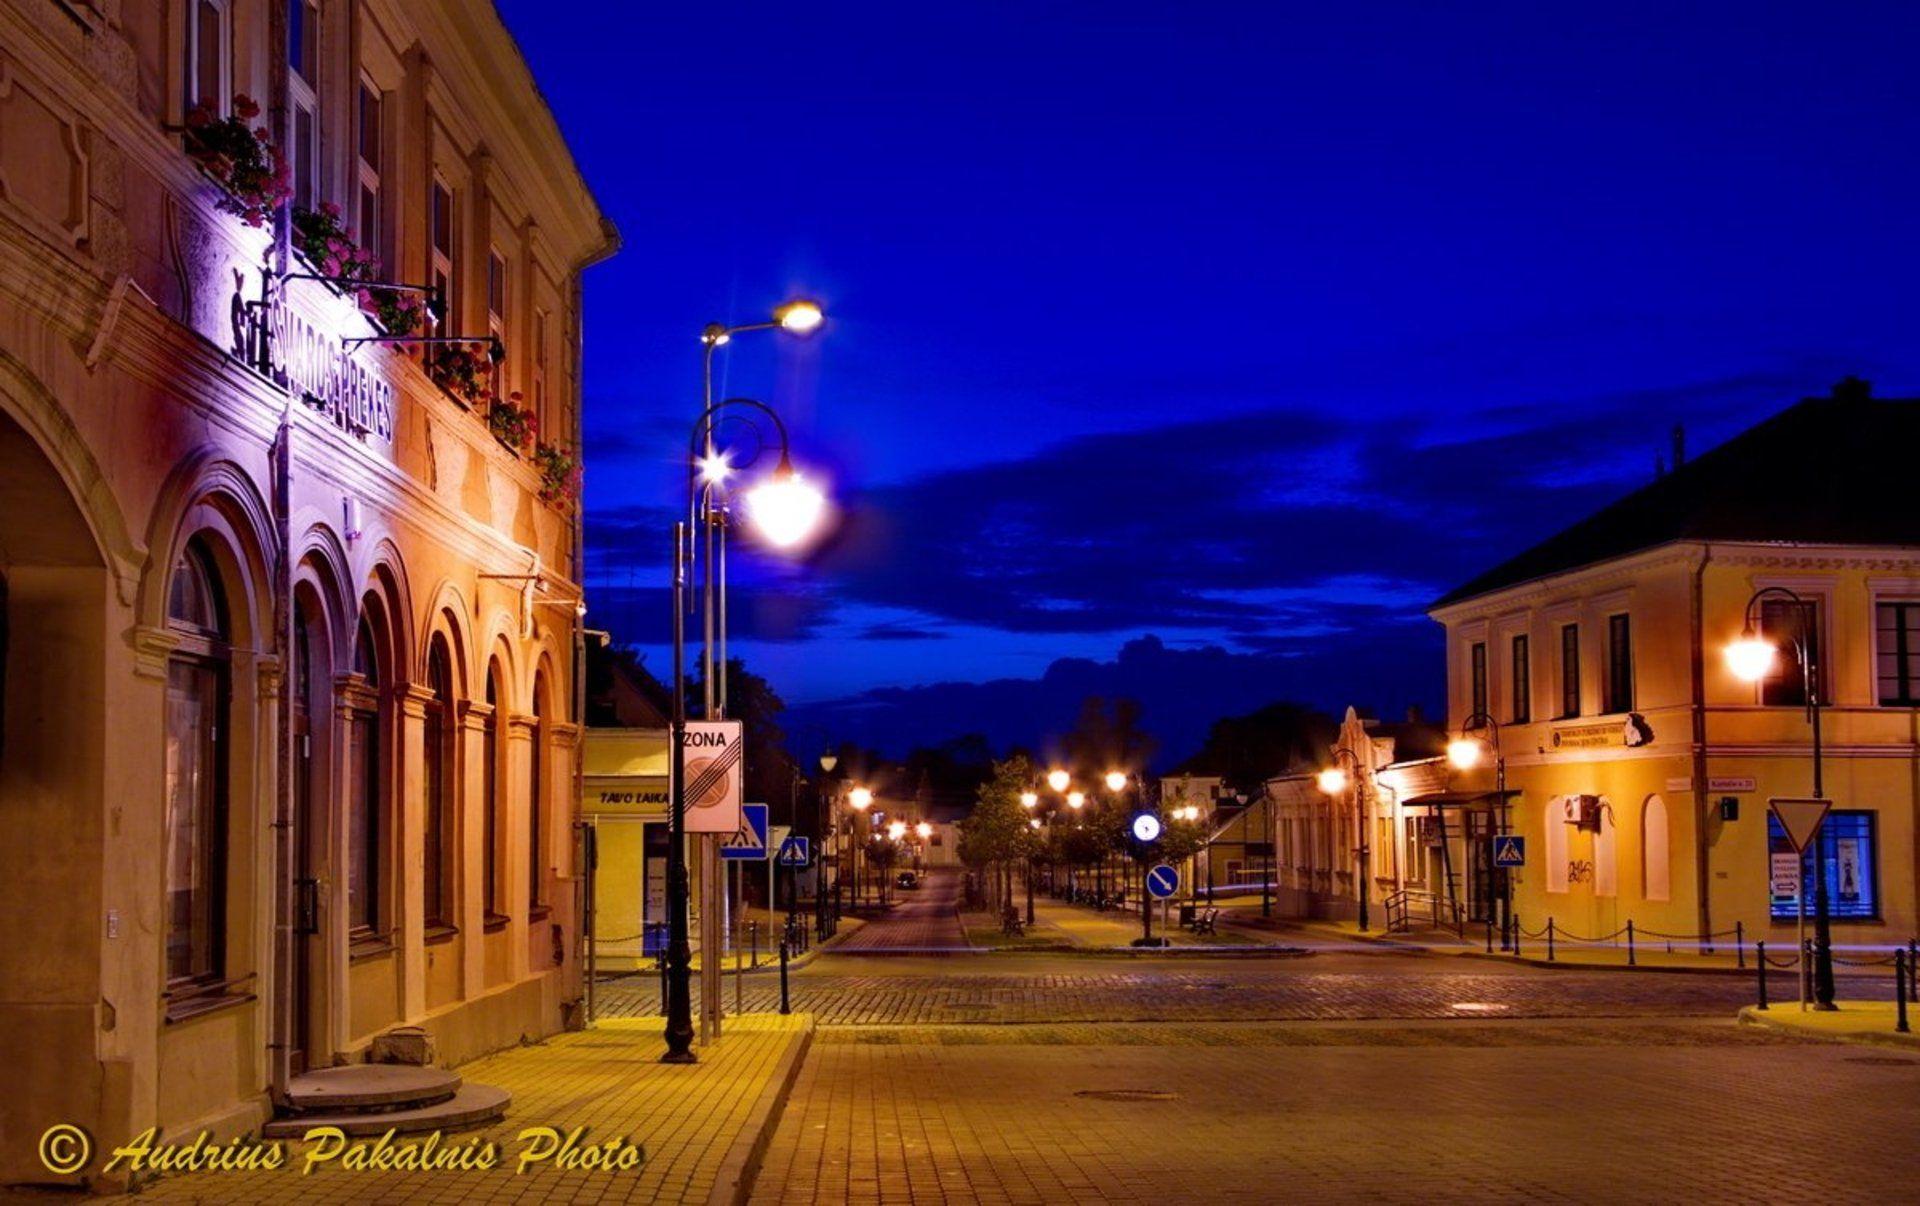 Old town ukmerge